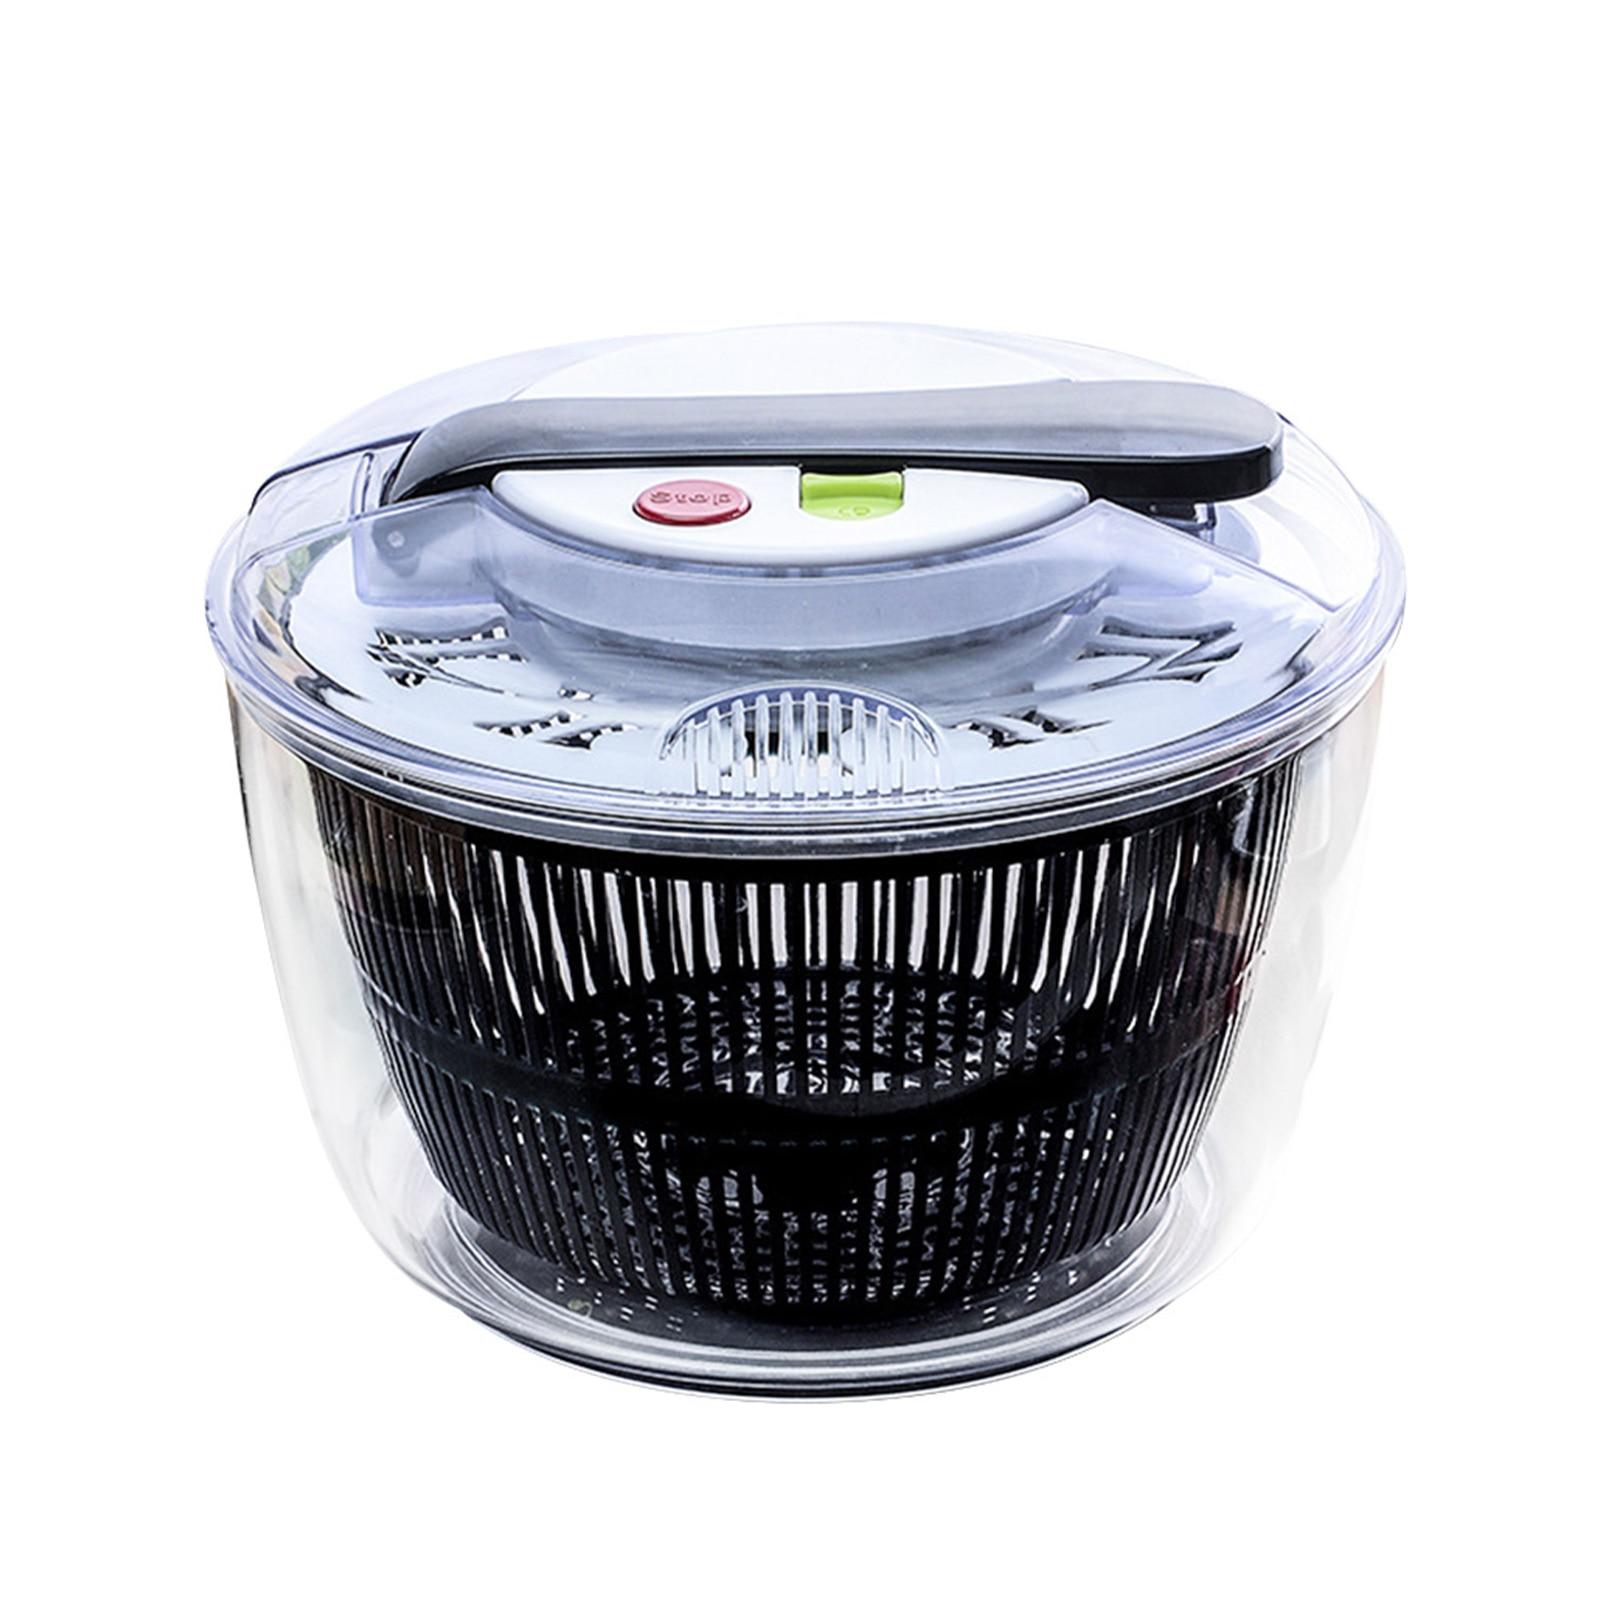 PP دليل الخضروات مجفف مبشرة سلطة دوارة تصفية الخضار المطبخ أداة سهلة نظيفة دفع نوع آلة سعة كبيرة المنزلية